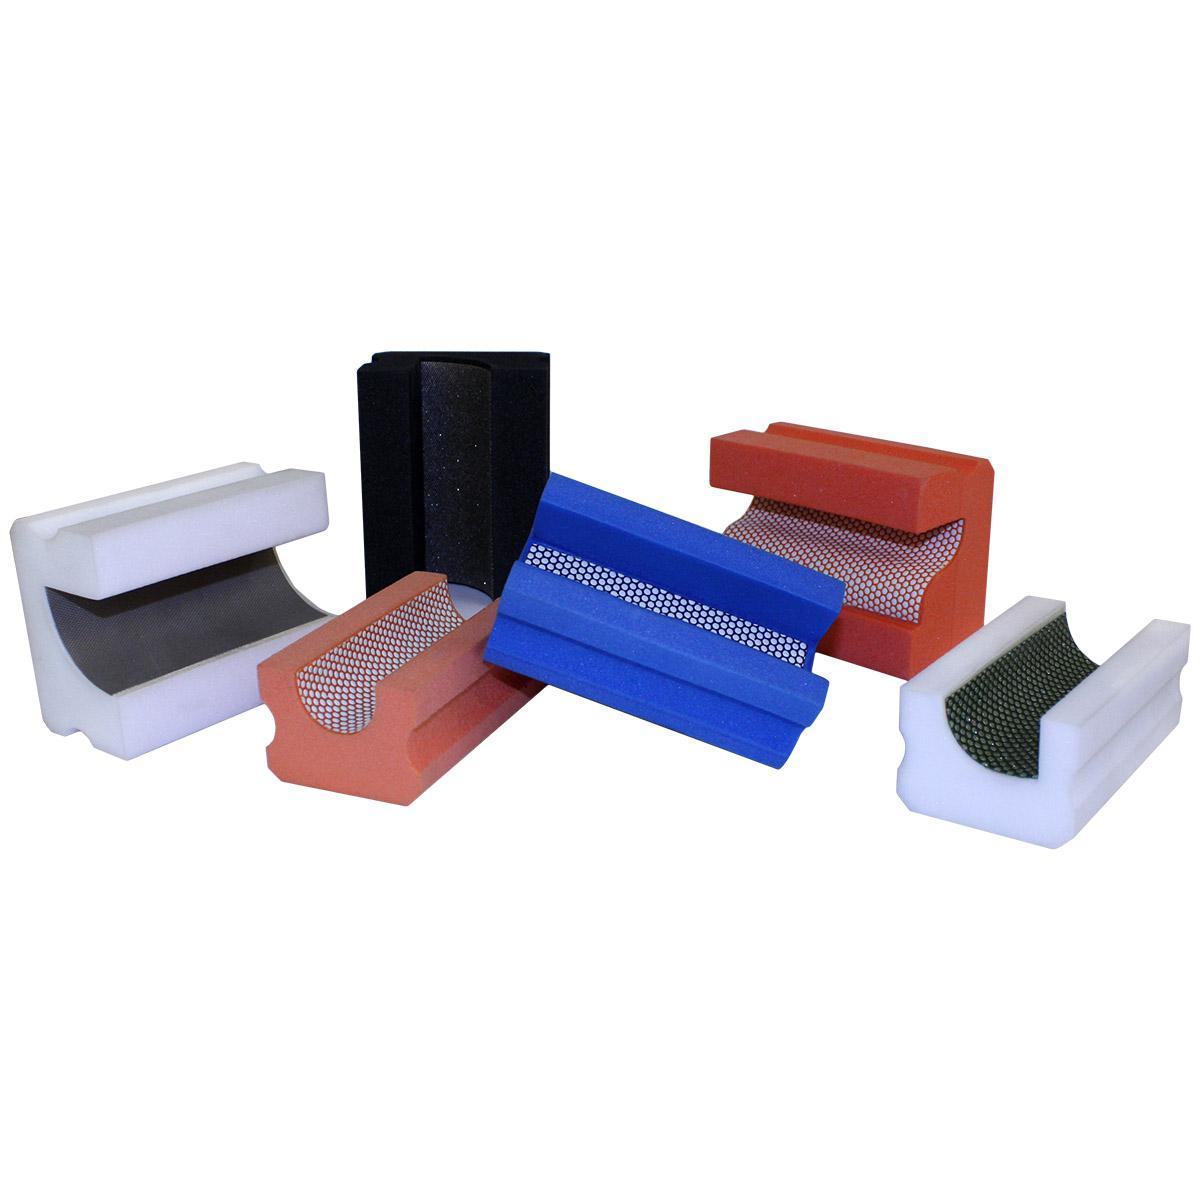 Затир ручной (профиль B) h-30 мм, зерно 500 (белая, полимер)